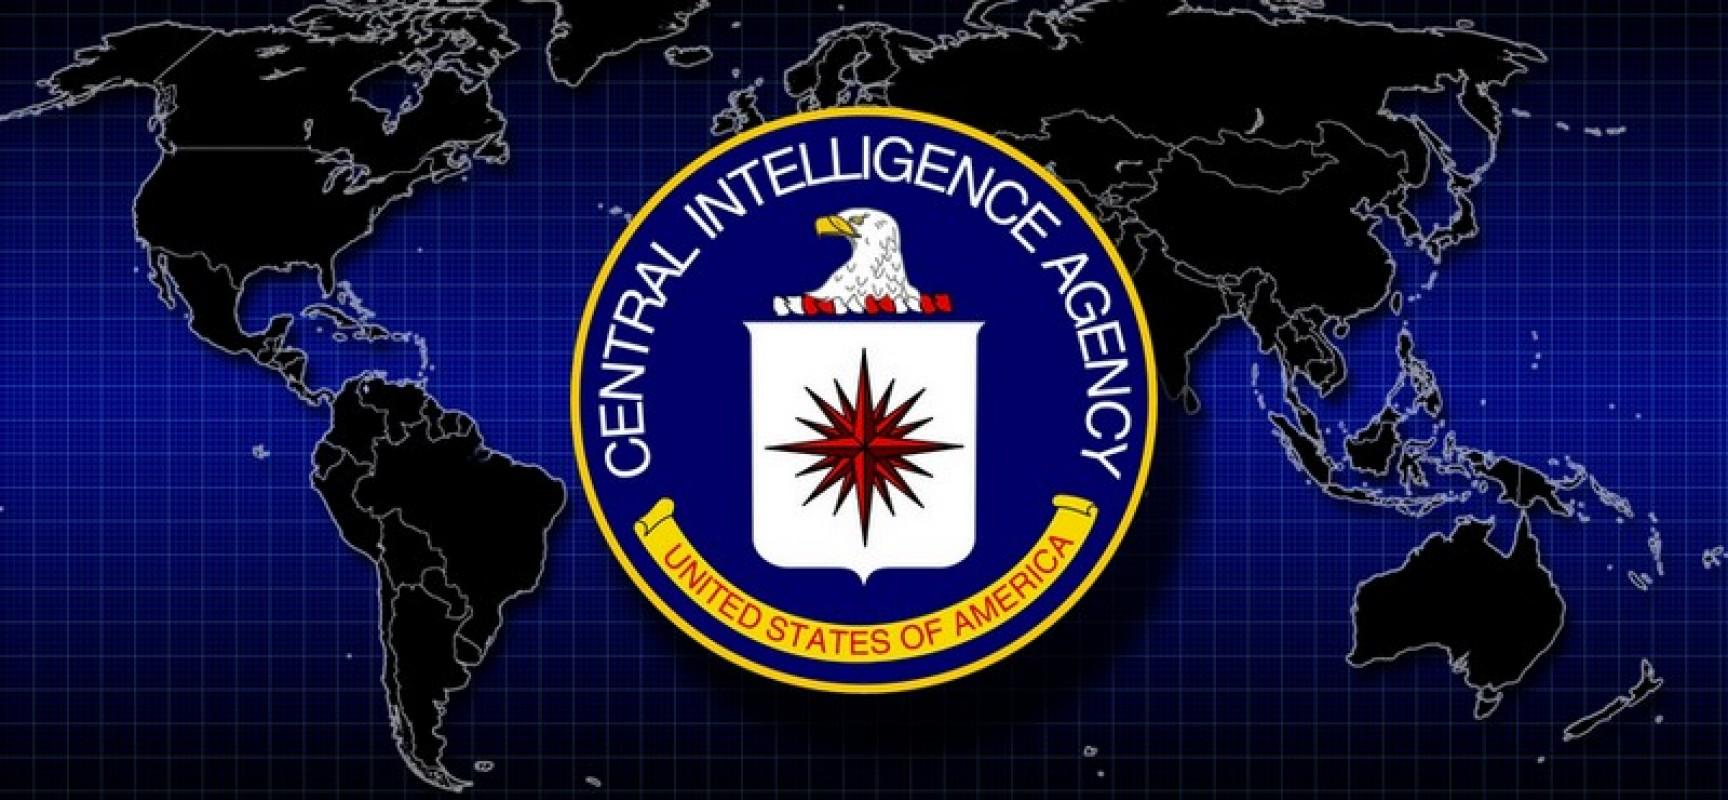 Journaliste allemand de renom: Les médias de la CIA poussent pour la guerre mondiale